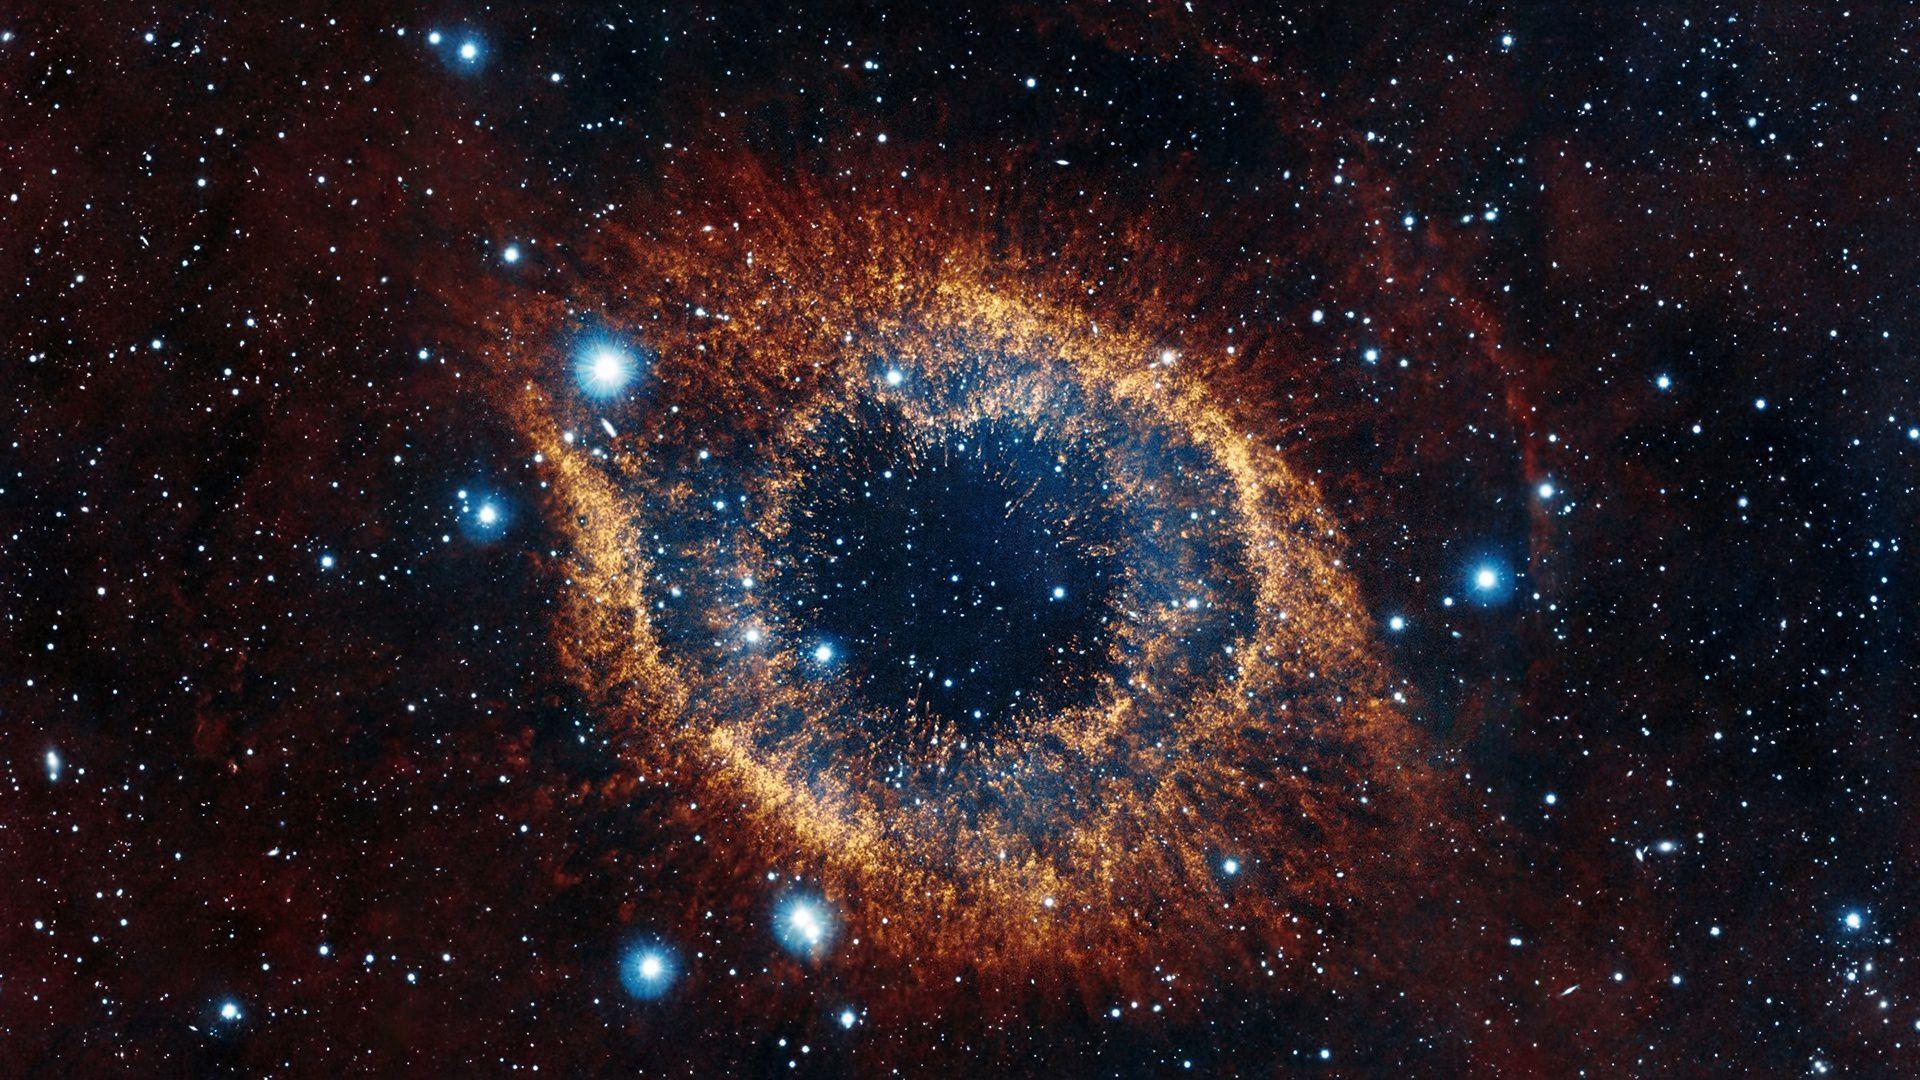 Yıldızların sayısı o kadar fazlaydı ki, sanki bir tualde dolduracak boşluk neredeyse kalmamıştı; buna rağmen Lirgo nereye gitmesi gerektiğini biliyordu